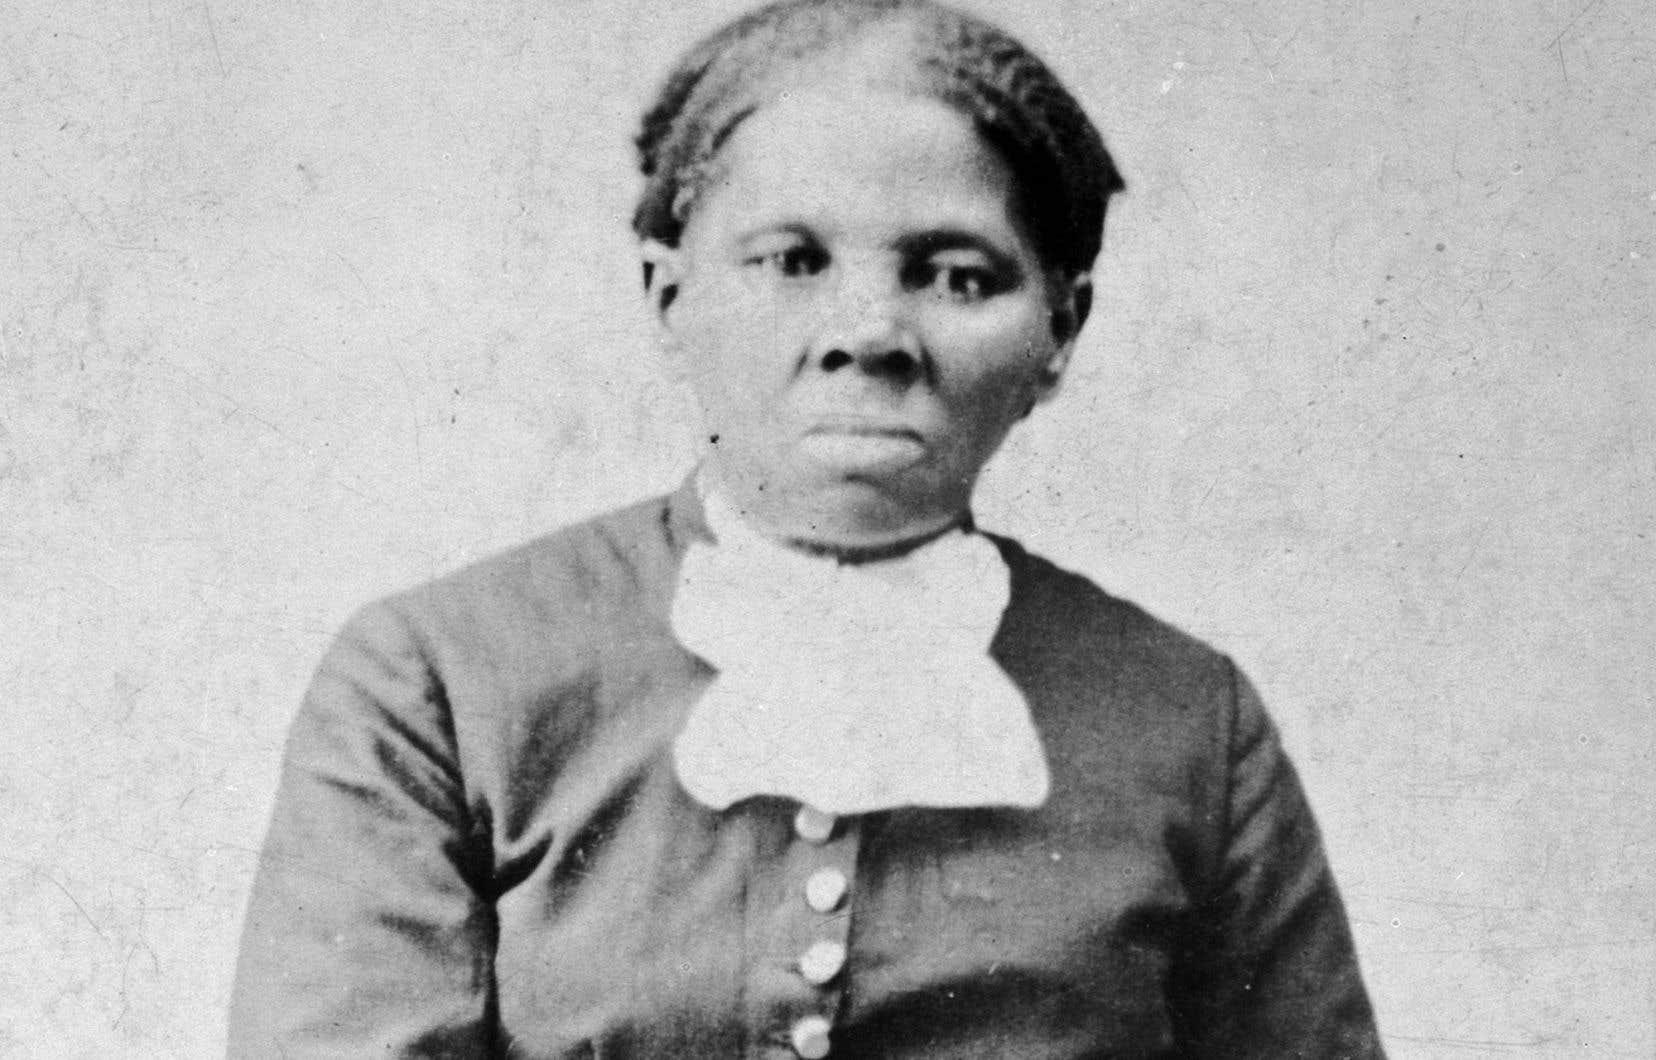 Une photo d'Harriet Tubman prise entre 1860 et 1875